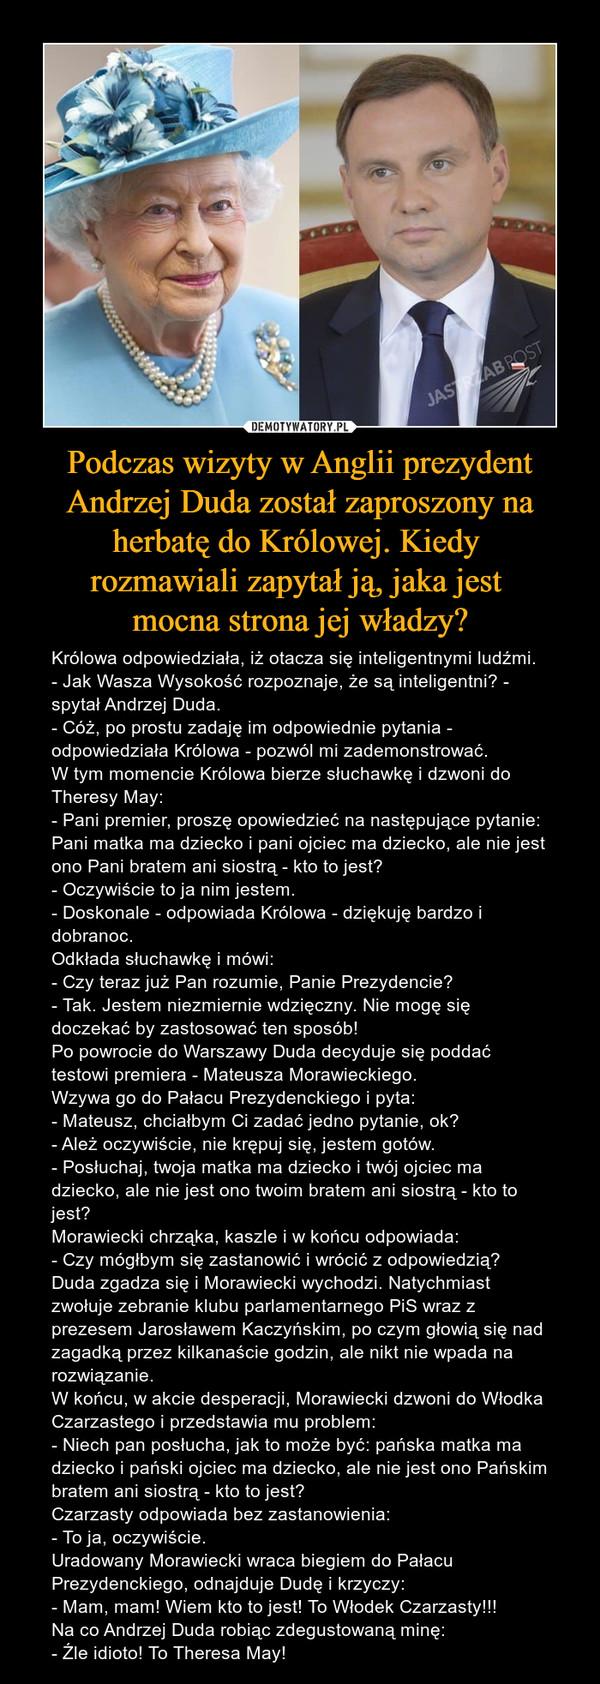 Podczas wizyty w Anglii prezydent Andrzej Duda został zaproszony na herbatę do Królowej. Kiedy rozmawiali zapytał ją, jaka jest mocna strona jej władzy? – Królowa odpowiedziała, iż otacza się inteligentnymi ludźmi.- Jak Wasza Wysokość rozpoznaje, że są inteligentni? - spytał Andrzej Duda.- Cóż, po prostu zadaję im odpowiednie pytania - odpowiedziała Królowa - pozwól mi zademonstrować.W tym momencie Królowa bierze słuchawkę i dzwoni do Theresy May:- Pani premier, proszę opowiedzieć na następujące pytanie: Pani matka ma dziecko i pani ojciec ma dziecko, ale nie jest ono Pani bratem ani siostrą - kto to jest?- Oczywiście to ja nim jestem.- Doskonale - odpowiada Królowa - dziękuję bardzo i dobranoc.Odkłada słuchawkę i mówi:- Czy teraz już Pan rozumie, Panie Prezydencie?- Tak. Jestem niezmiernie wdzięczny. Nie mogę się doczekać by zastosować ten sposób!Po powrocie do Warszawy Duda decyduje się poddać testowi premiera - Mateusza Morawieckiego.Wzywa go do Pałacu Prezydenckiego i pyta:- Mateusz, chciałbym Ci zadać jedno pytanie, ok?- Ależ oczywiście, nie krępuj się, jestem gotów.- Posłuchaj, twoja matka ma dziecko i twój ojciec ma dziecko, ale nie jest ono twoim bratem ani siostrą - kto to jest?Morawiecki chrząka, kaszle i w końcu odpowiada:- Czy mógłbym się zastanowić i wrócić z odpowiedzią?Duda zgadza się i Morawiecki wychodzi. Natychmiast zwołuje zebranie klubu parlamentarnego PiS wraz z prezesem Jarosławem Kaczyńskim, po czym głowią się nad zagadką przez kilkanaście godzin, ale nikt nie wpada na rozwiązanie.W końcu, w akcie desperacji, Morawiecki dzwoni do Włodka Czarzastego i przedstawia mu problem:- Niech pan posłucha, jak to może być: pańska matka ma dziecko i pański ojciec ma dziecko, ale nie jest ono Pańskim bratem ani siostrą - kto to jest?Czarzasty odpowiada bez zastanowienia:- To ja, oczywiście.Uradowany Morawiecki wraca biegiem do Pałacu Prezydenckiego, odnajduje Dudę i krzyczy:- Mam, mam! Wiem kto to jest! To Włodek Czarzasty!!!Na co Andrzej Duda robiąc zdegus